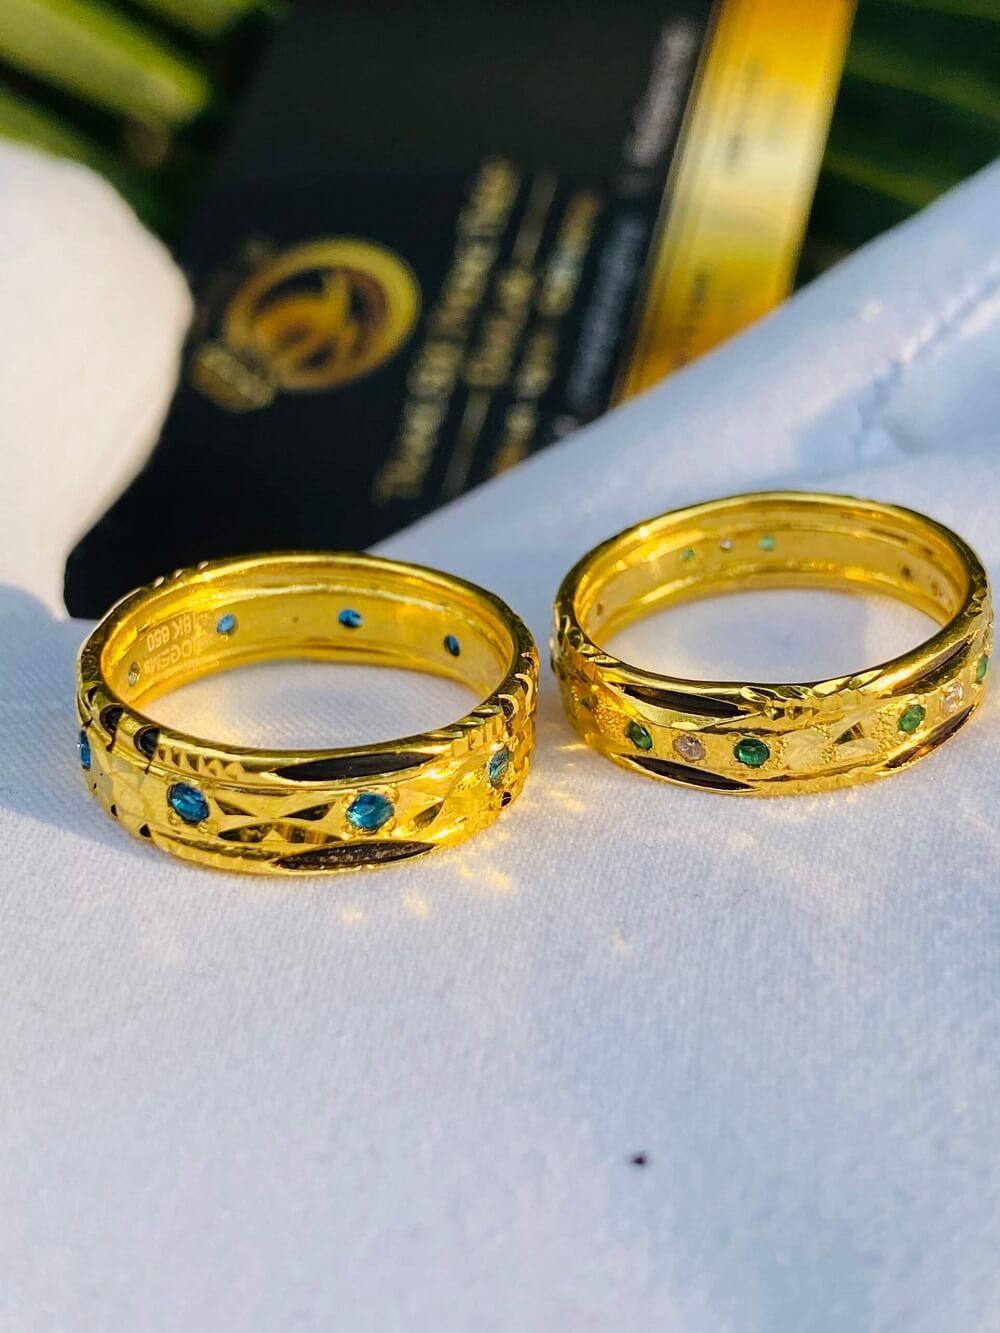 Cặp nhẫn cưới nam nữ phong thủy đính 9 đá 2 viền lông (Lông Fake) chất lượng cao